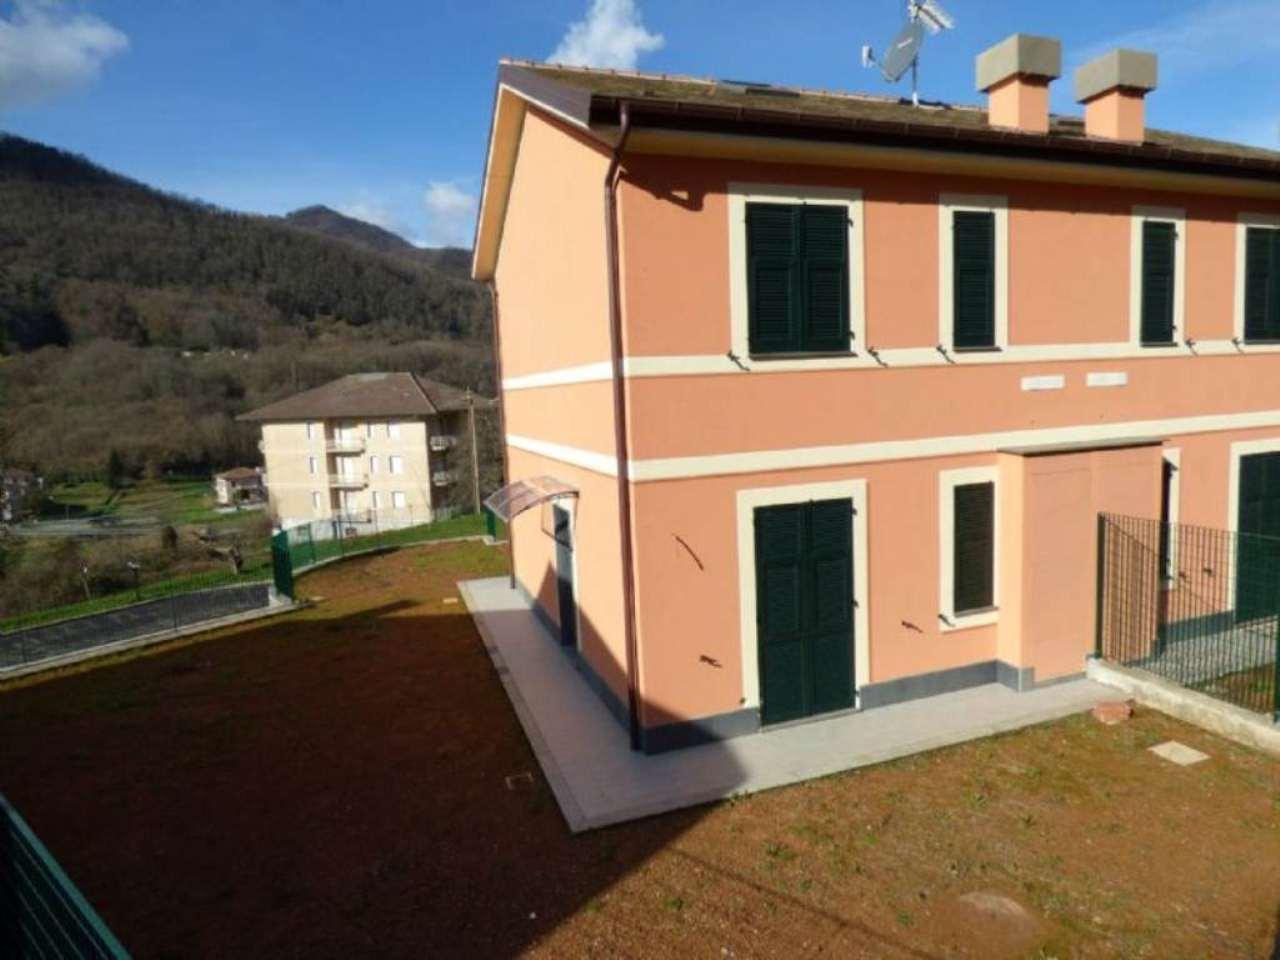 Villa in vendita a San Colombano Certenoli, 5 locali, prezzo € 220.000 | CambioCasa.it